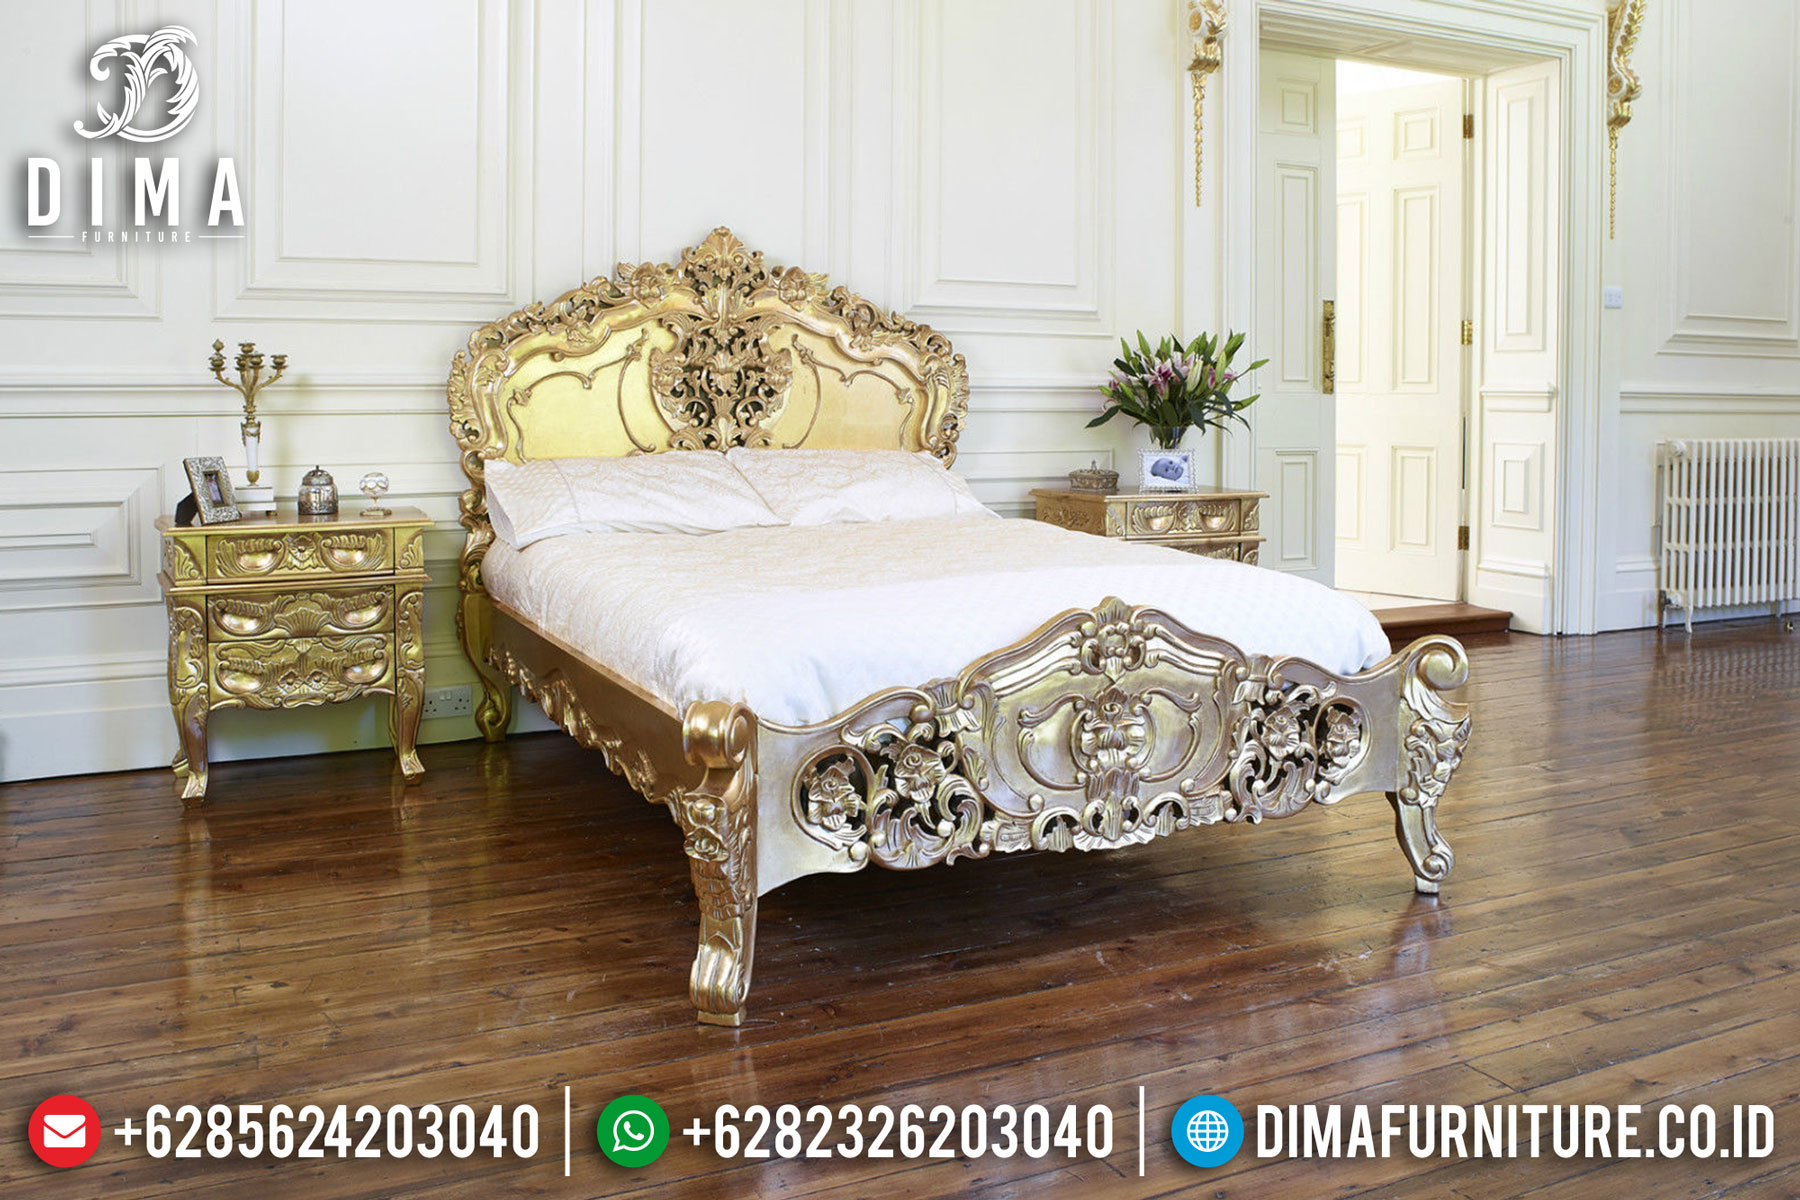 Set Kamar Tidur Mewah Rococo, Tempat Tidur Jepara, Kamar Set Mewah Terbaru DF-0463 Gambar 1